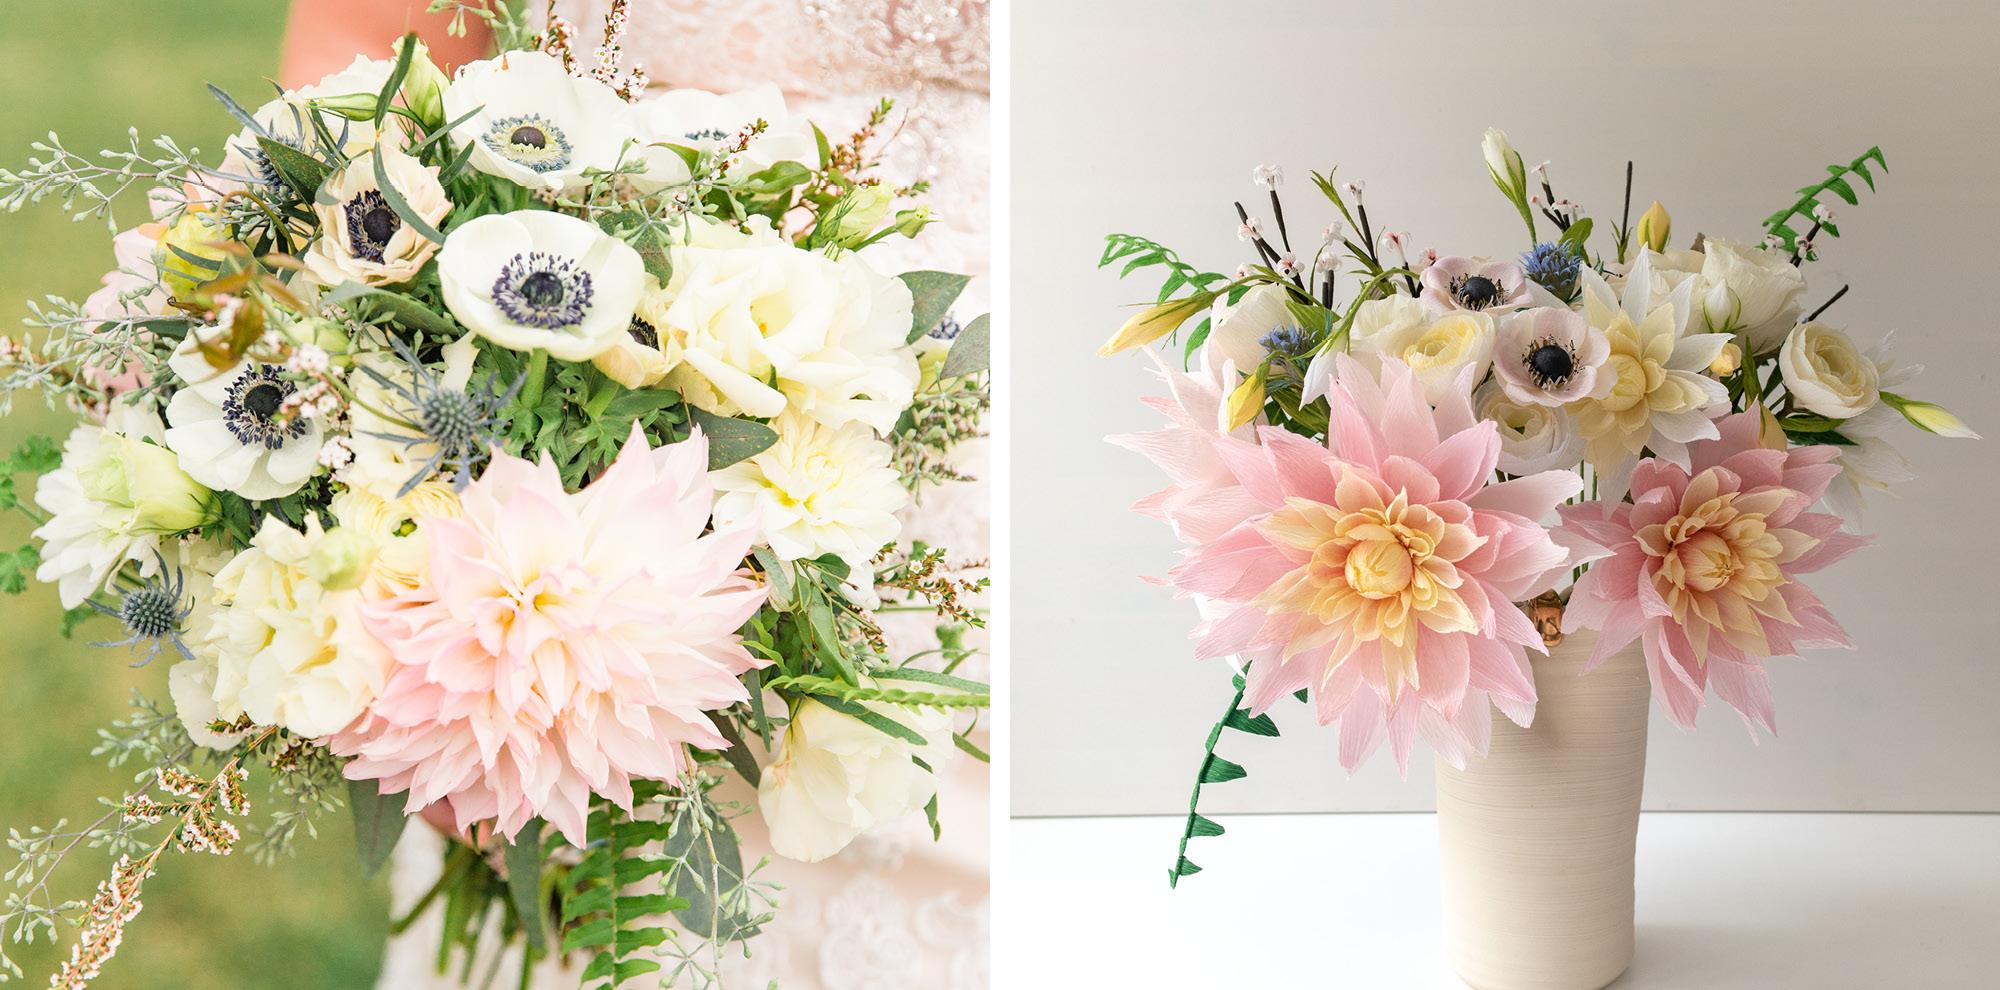 Paper Rose Co. Wedding Bouquet Recreation Comparison 1